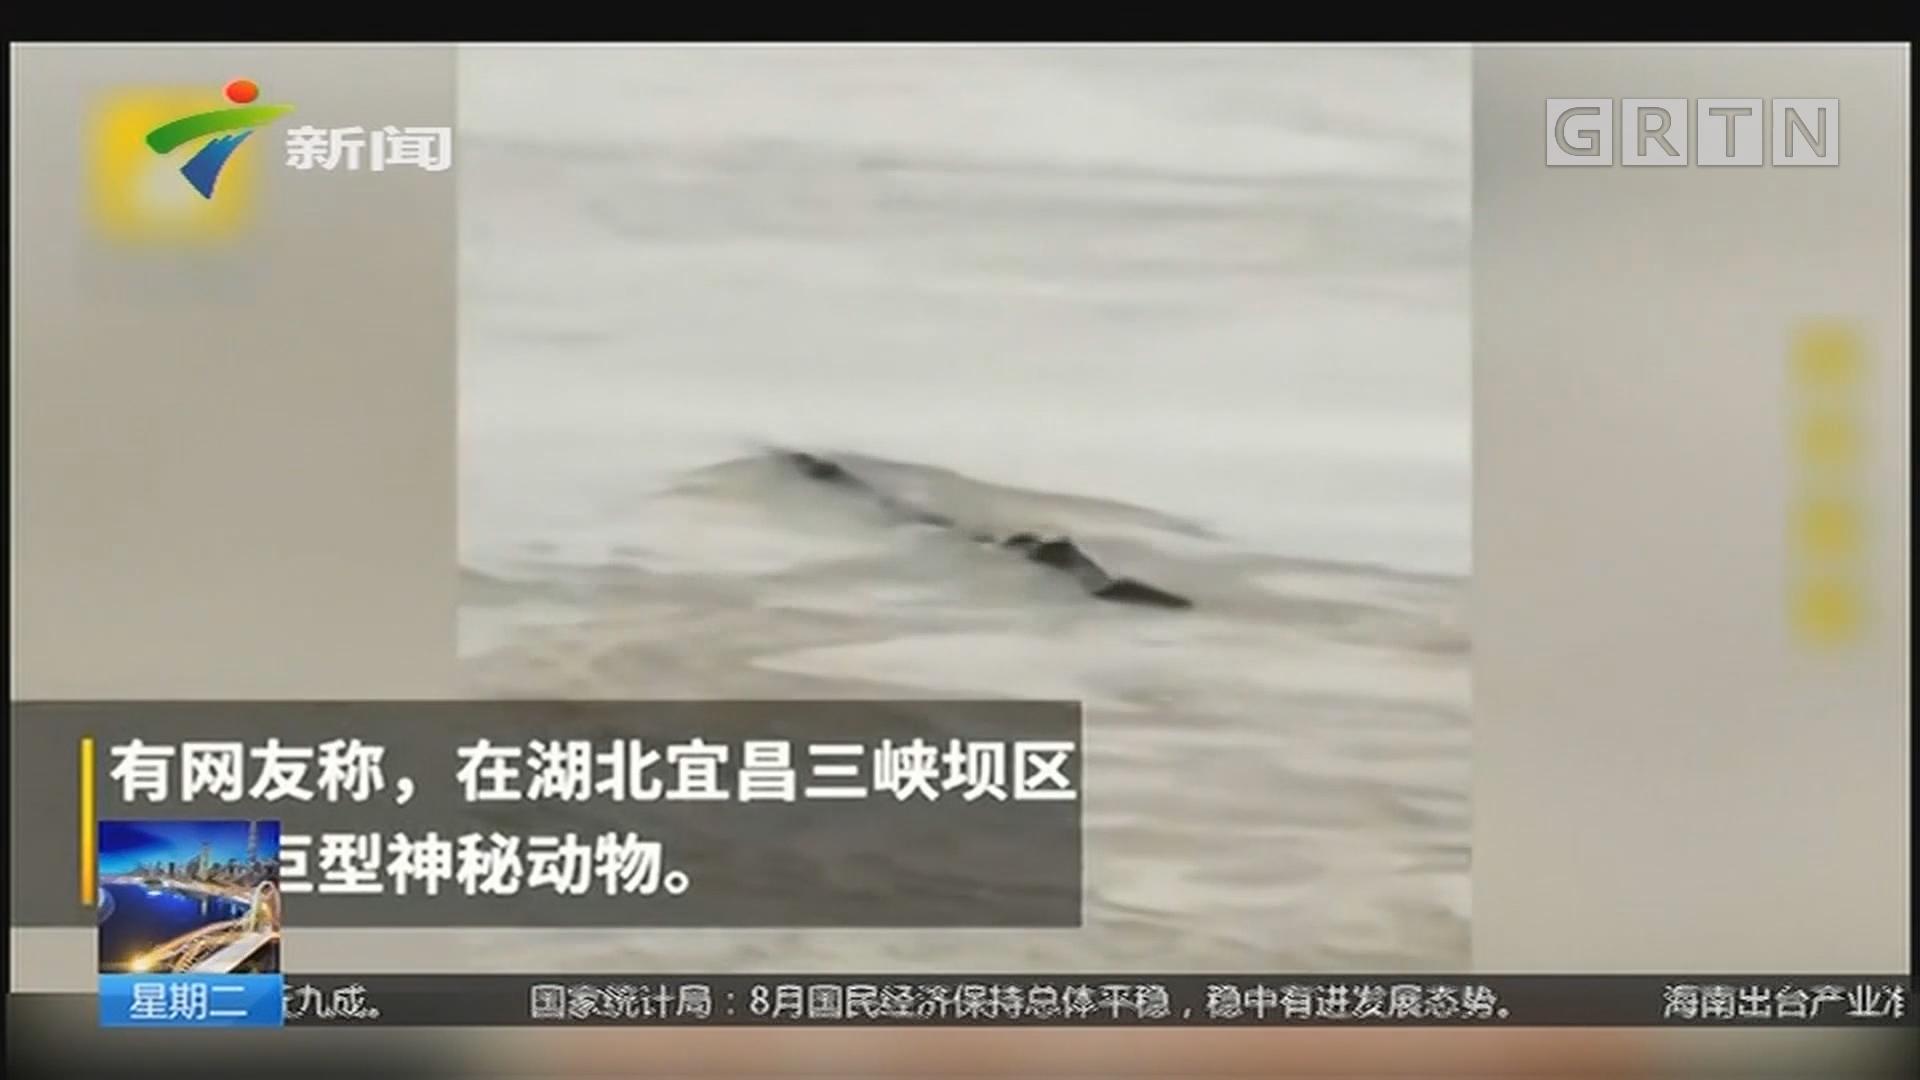 """安徽池州:网传""""三峡现水怪"""" 原来只是遮阳网"""